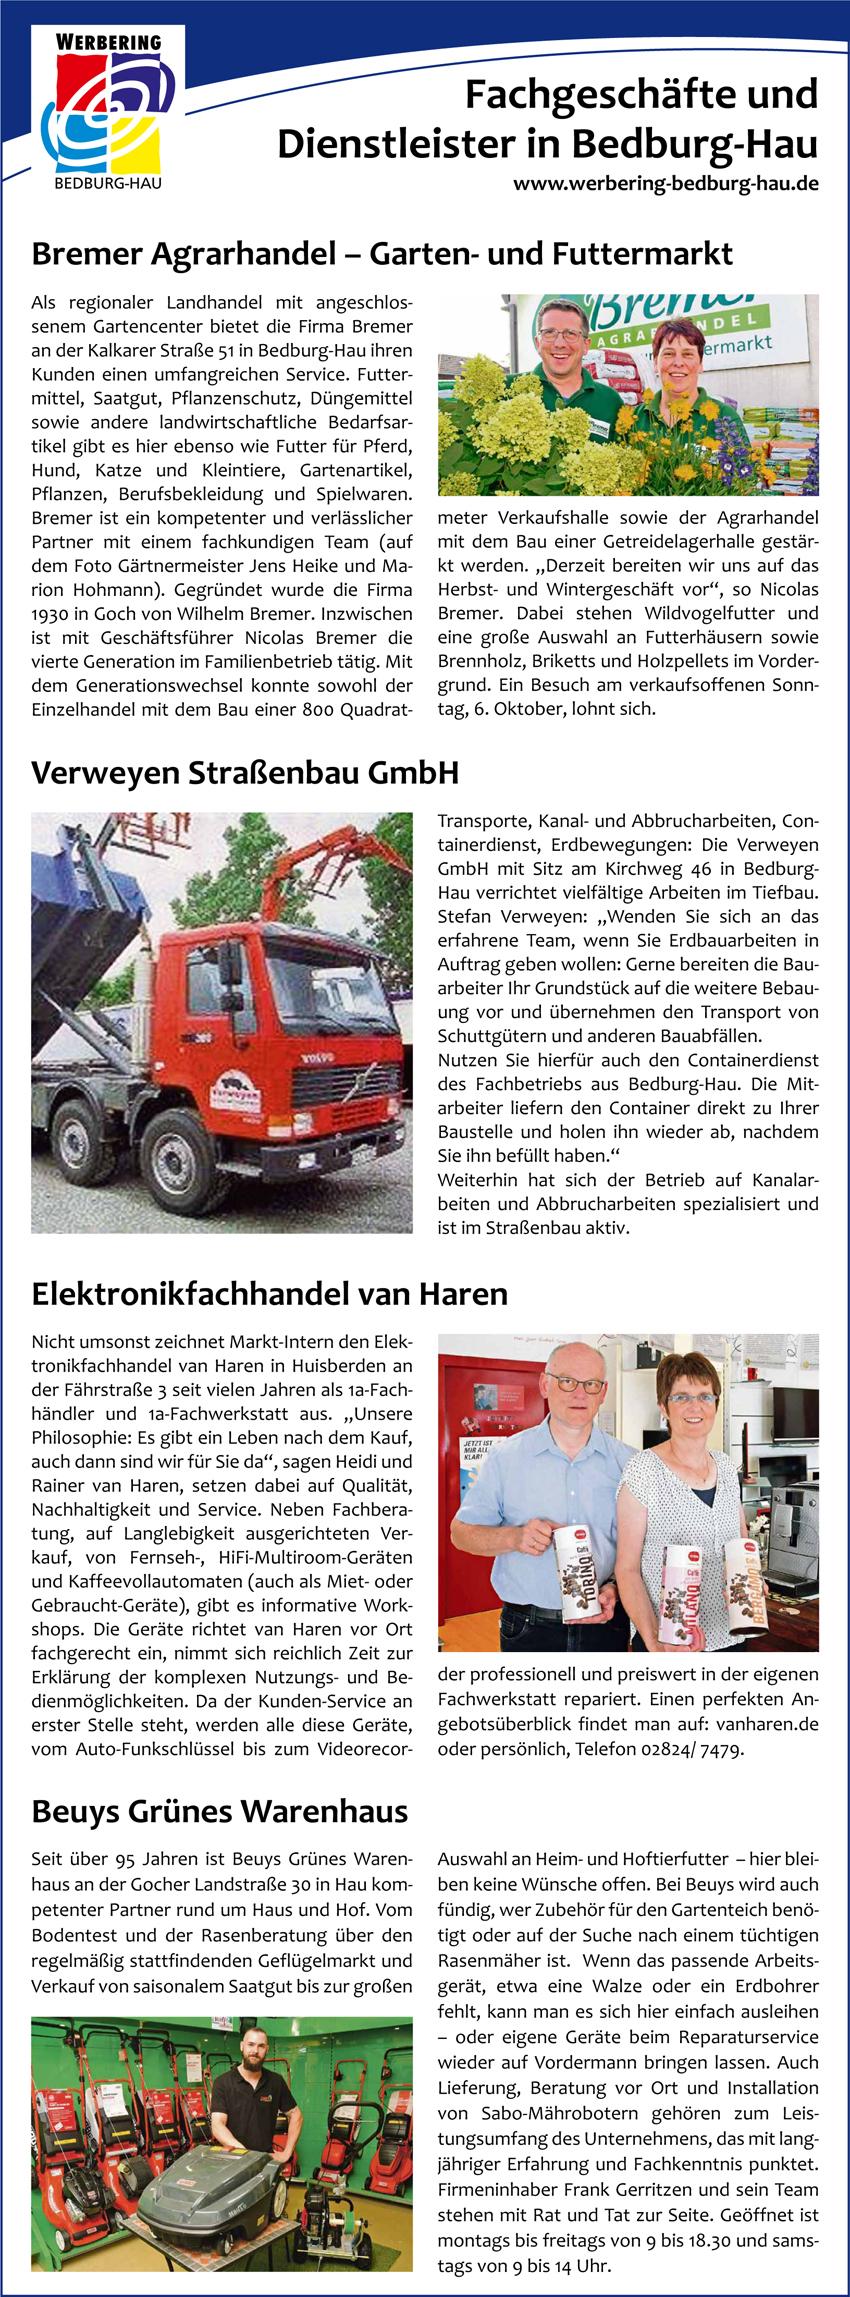 Verheyen, Bremer Agrarhandel, Elektronikfachhandel van Haren und das Grüne Warenhaus Beuys sind vier von über 80 erfolgreichen Unternehmen des Werbering Bedburg-Hau.